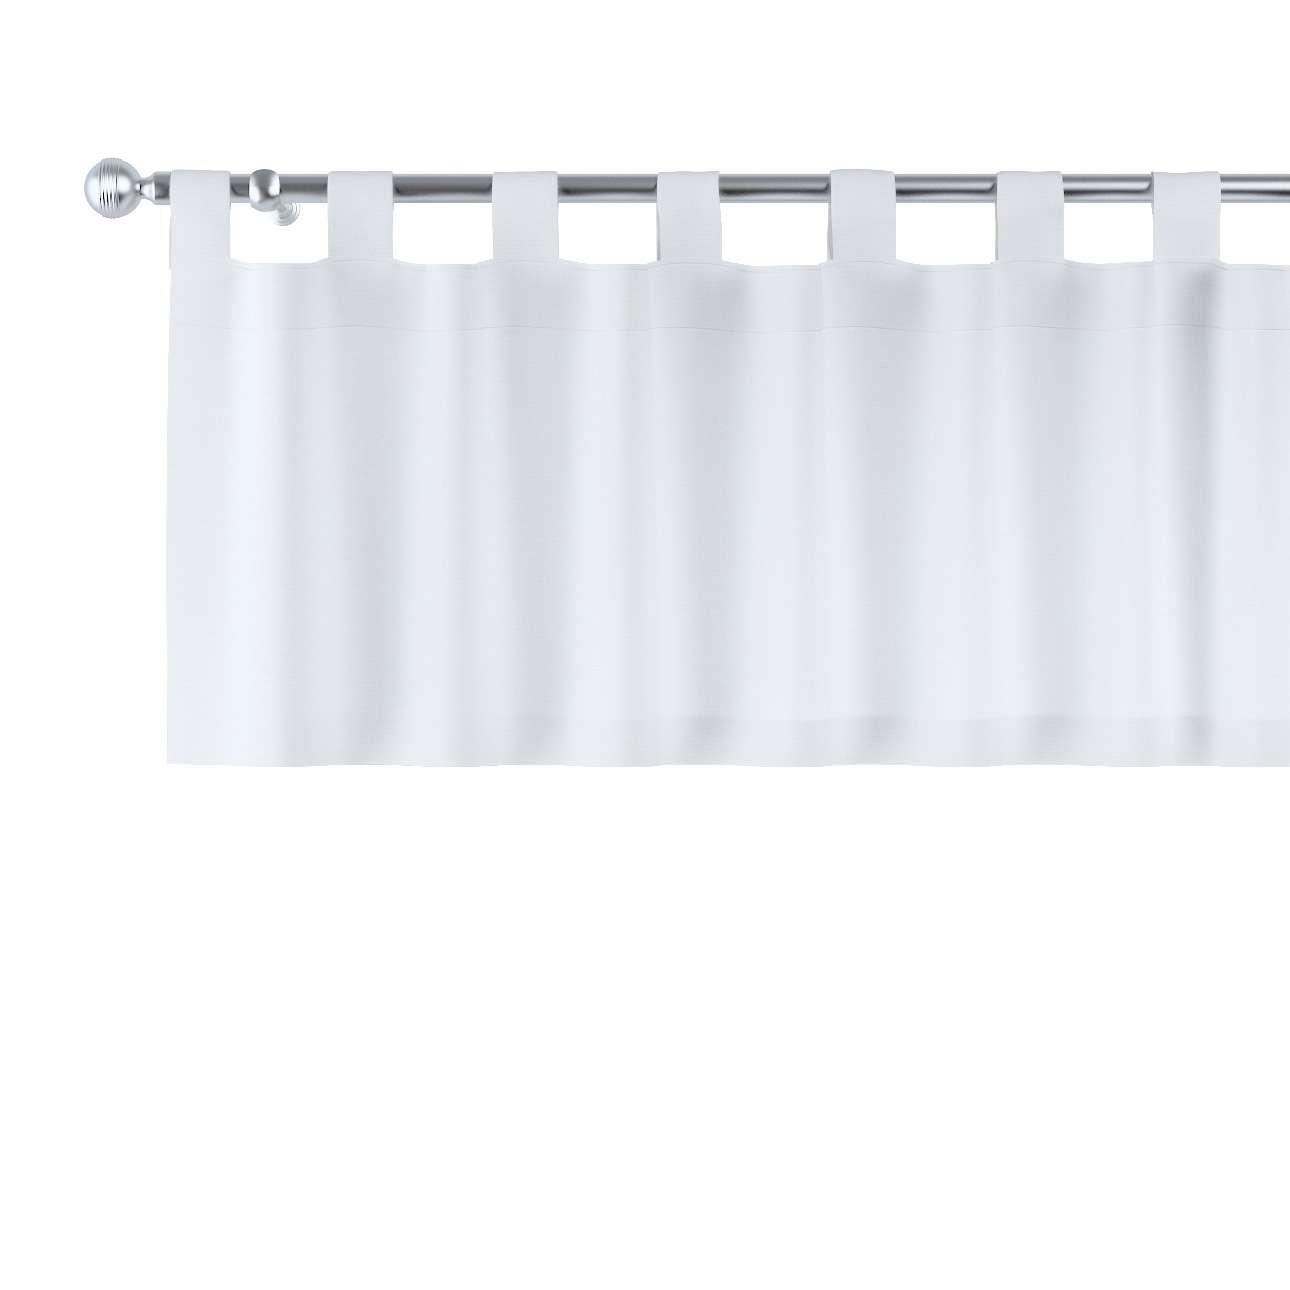 Kurzgardine mit Schlaufen 130x40cm von der Kollektion Loneta, Stoff: 133-02